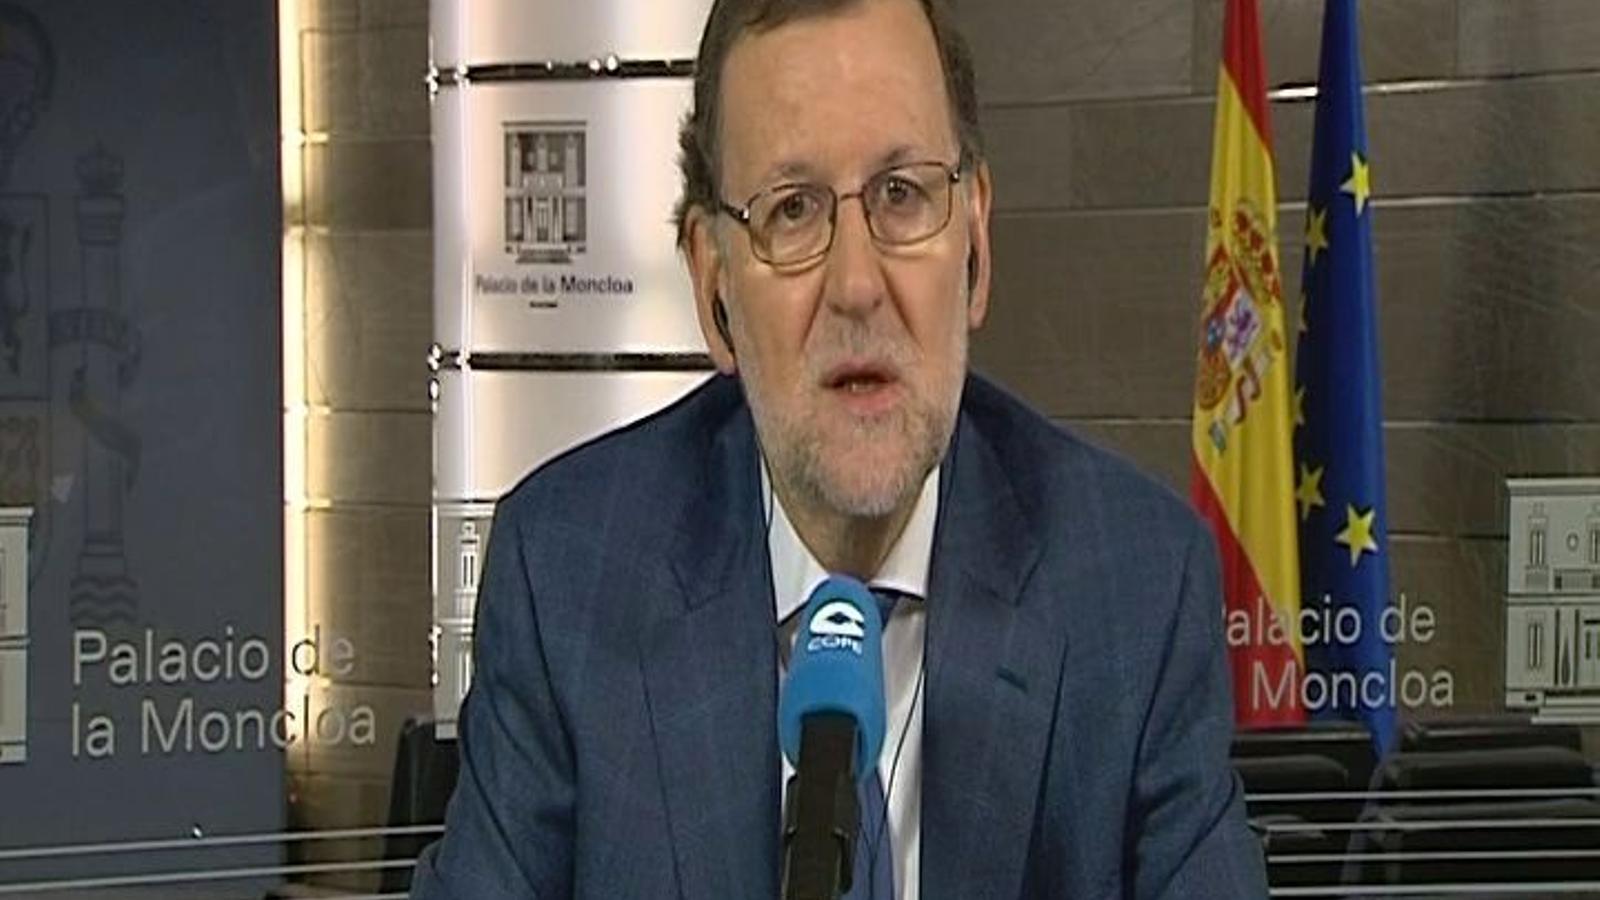 Declaracions de Rajoy sobre la possible repetició de les eleccions a Catalunya